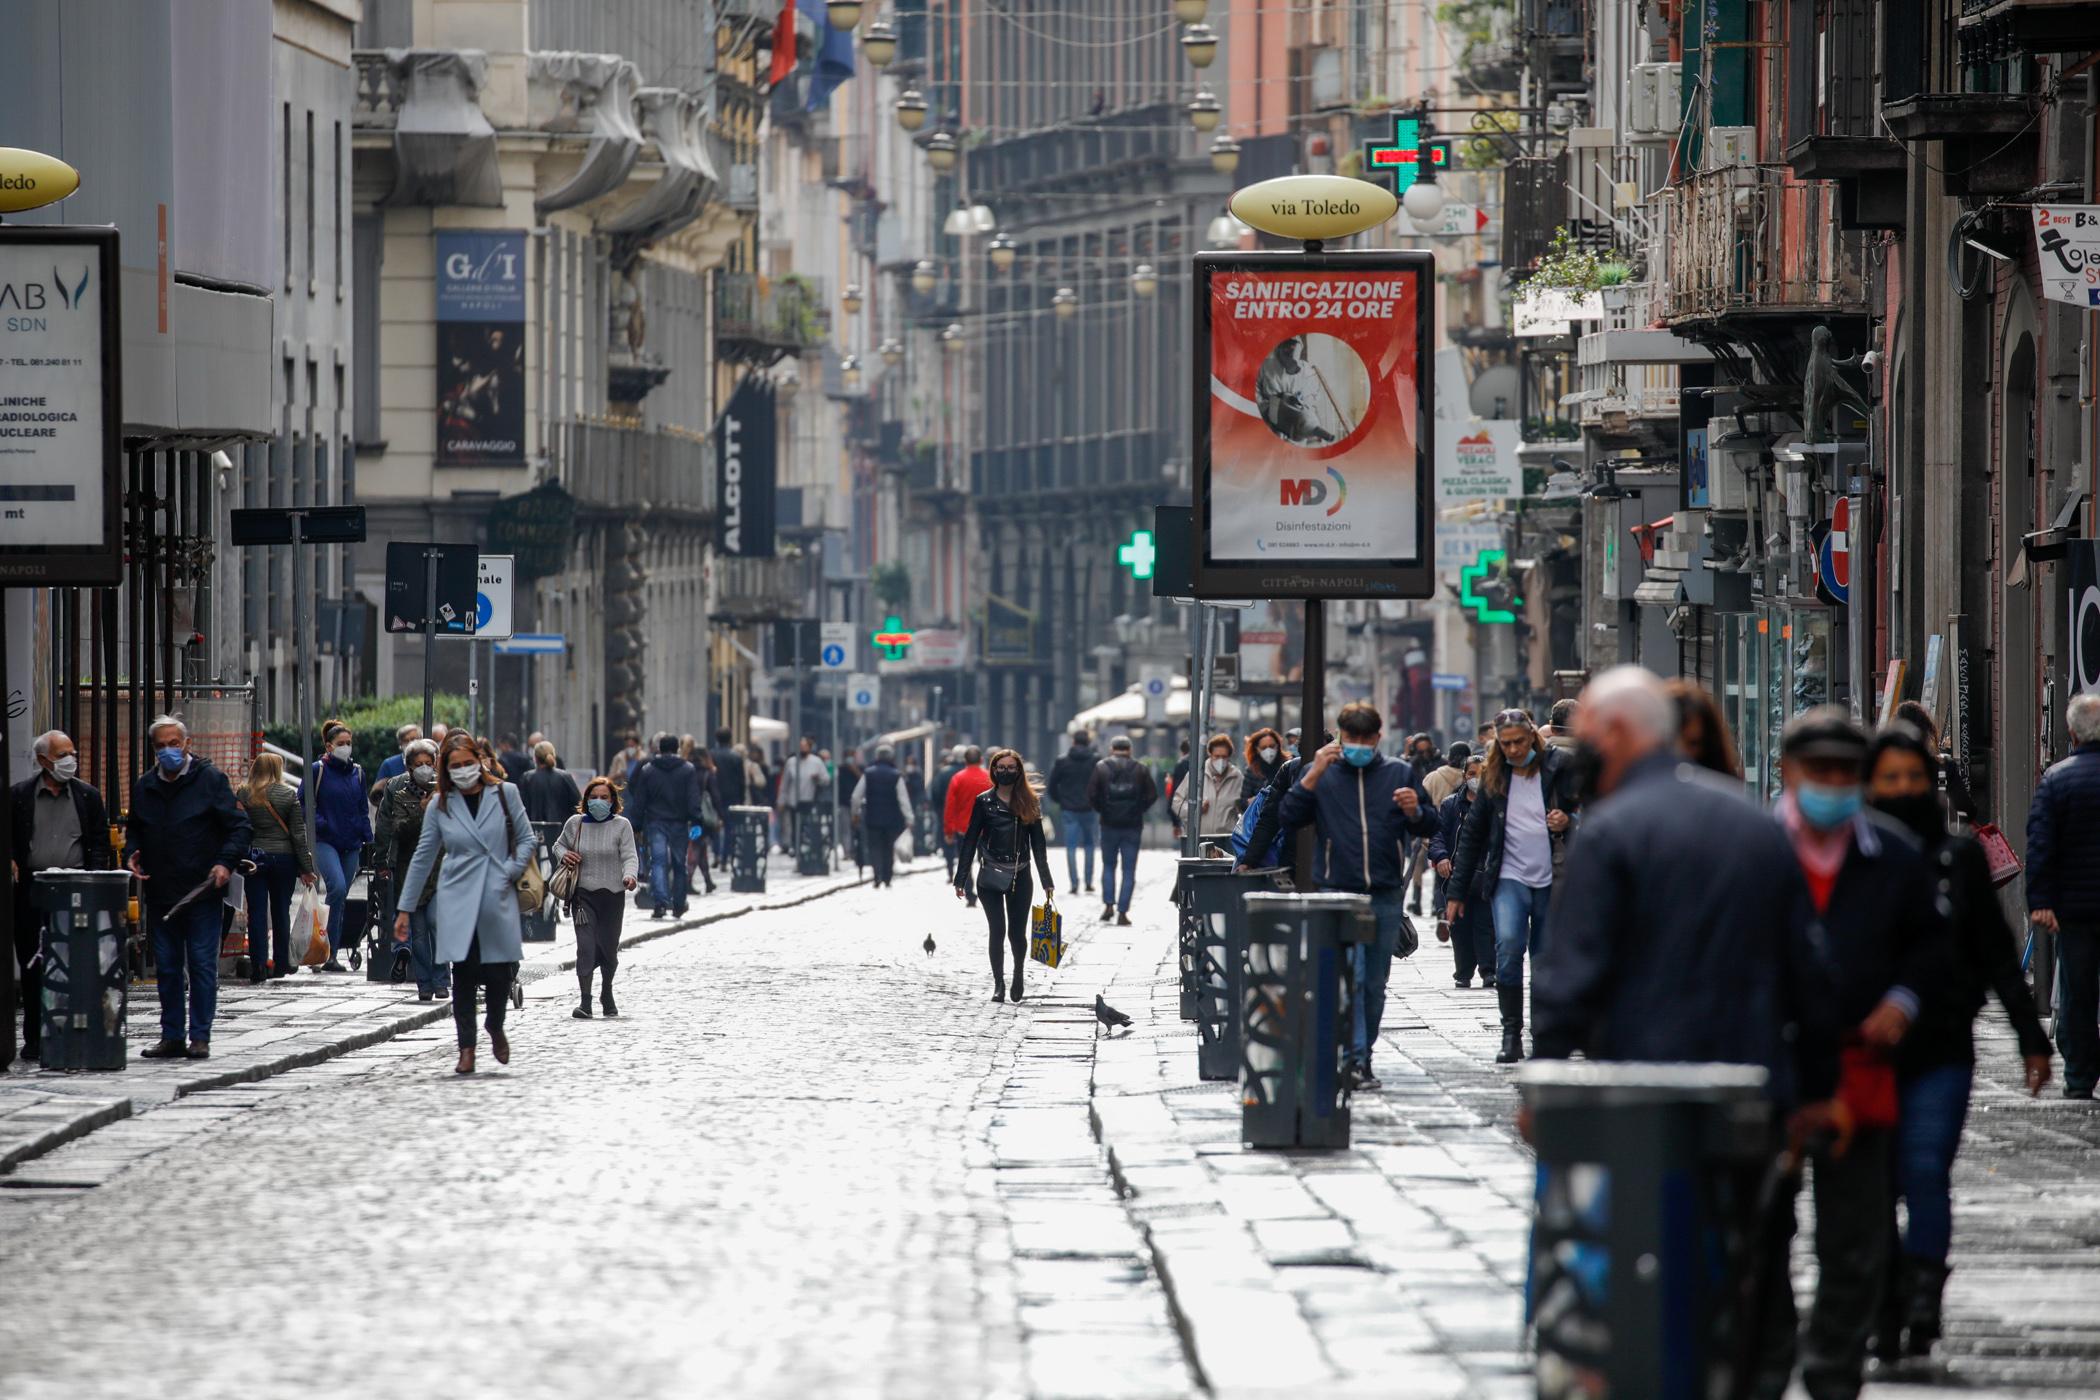 Κορονοϊός: Μεγάλη αύξηση θανάτων στην Ιταλία – Σχεδόν 17.000 κρούσματα